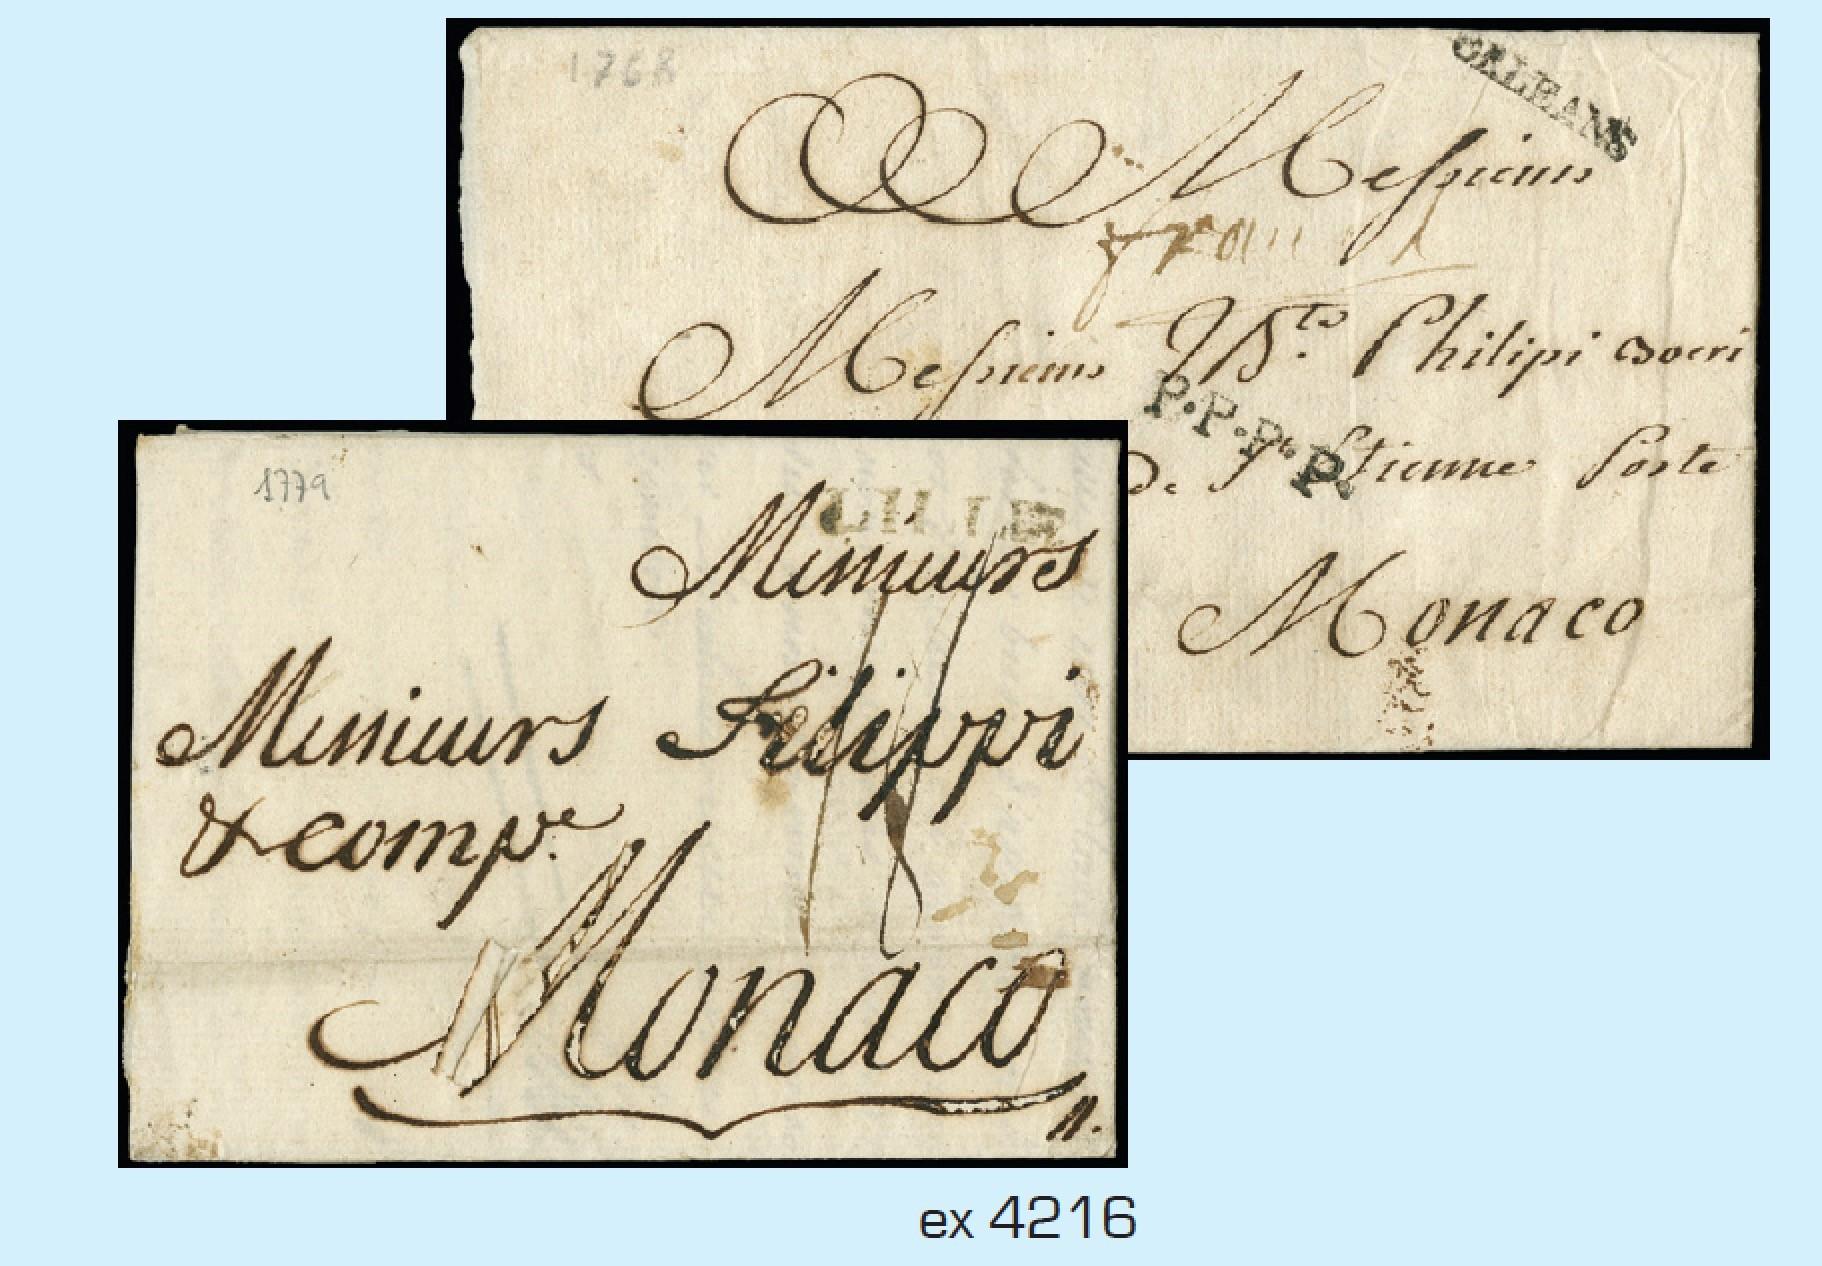 Lot 4216 - Monaco lotti e collezioni -  Zanaria Aste s.r.l. 9th Philatelic Auction